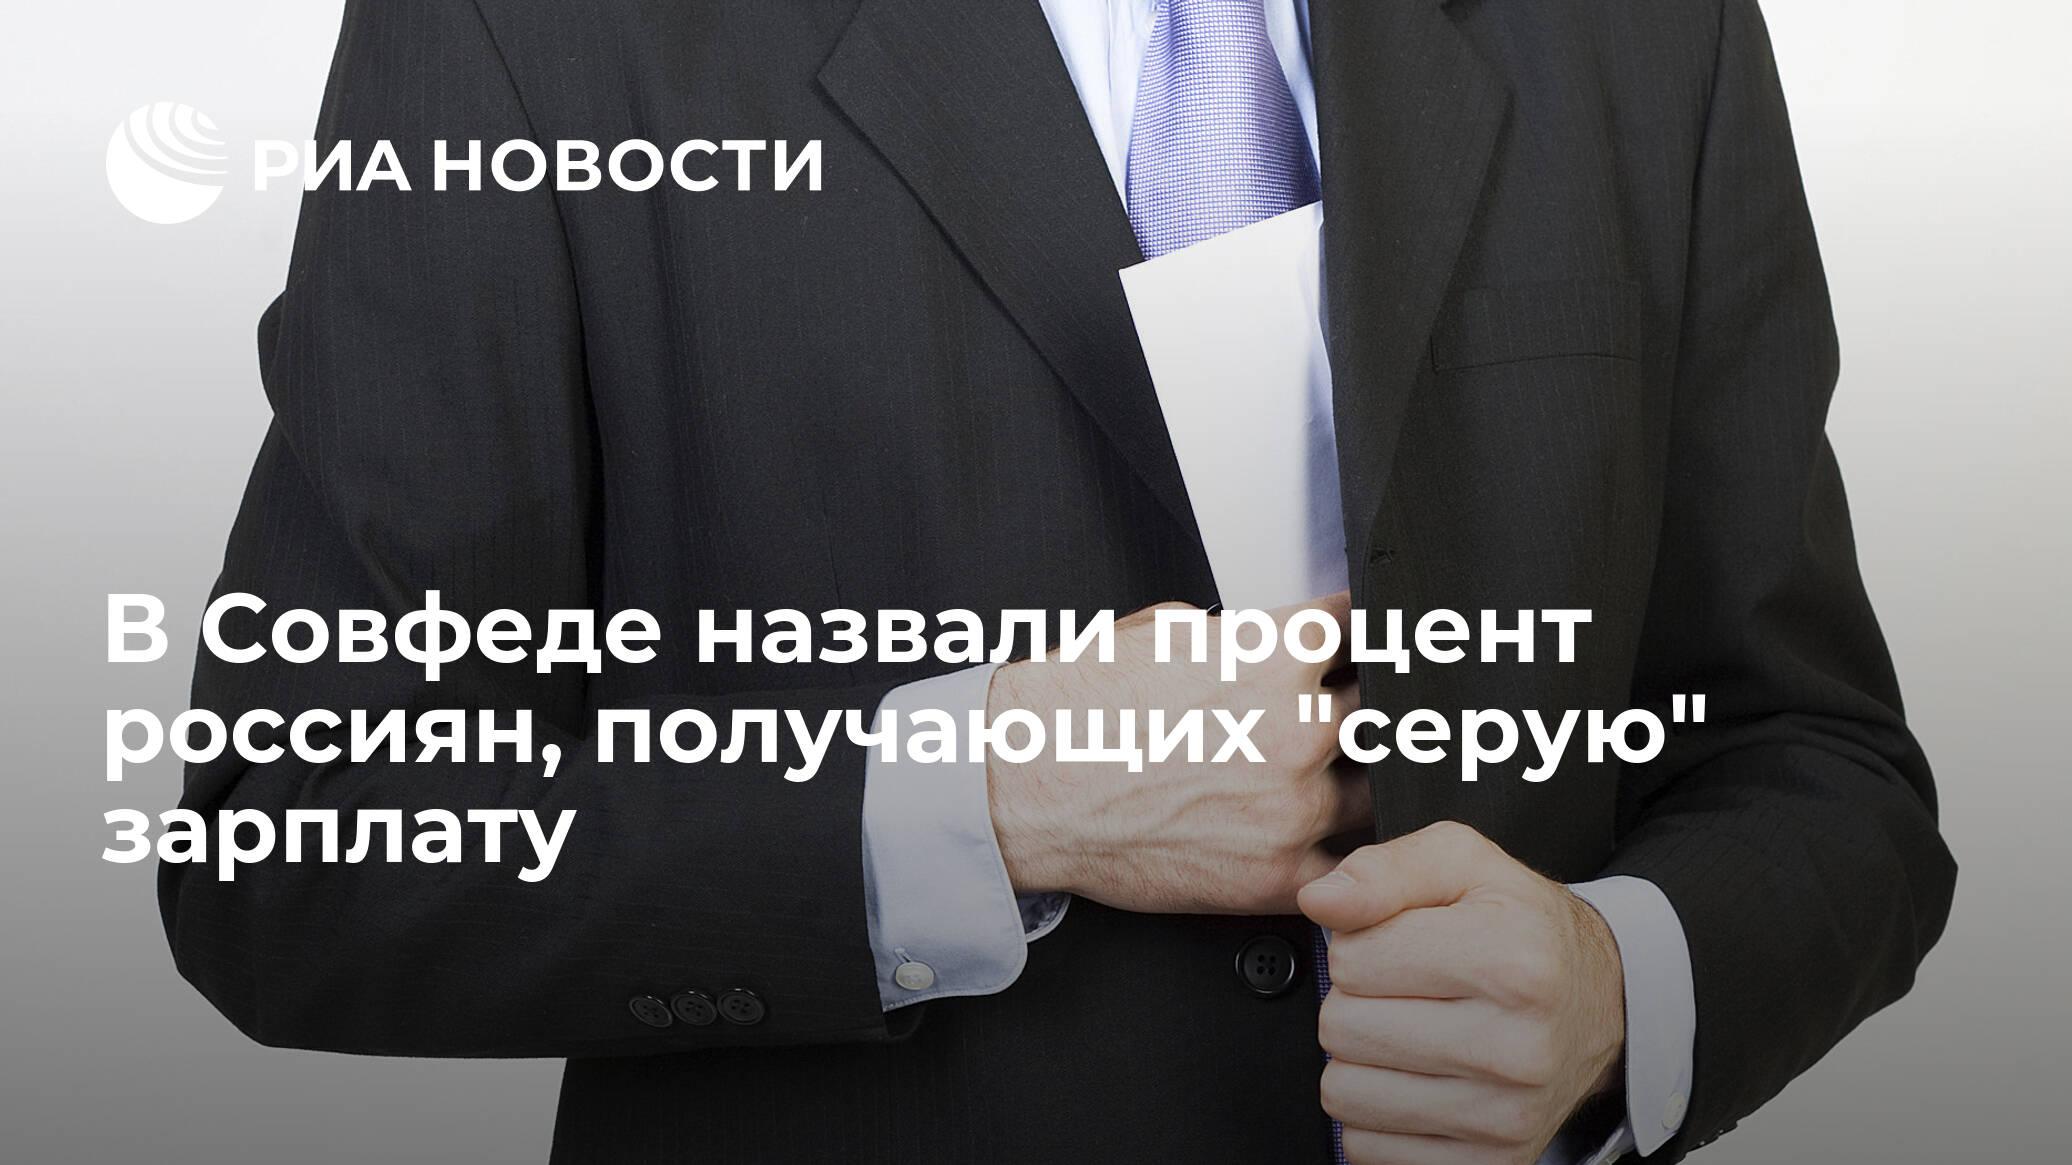 """В Совфеде назвали процент россиян, получающих """"серую"""" зарплату"""